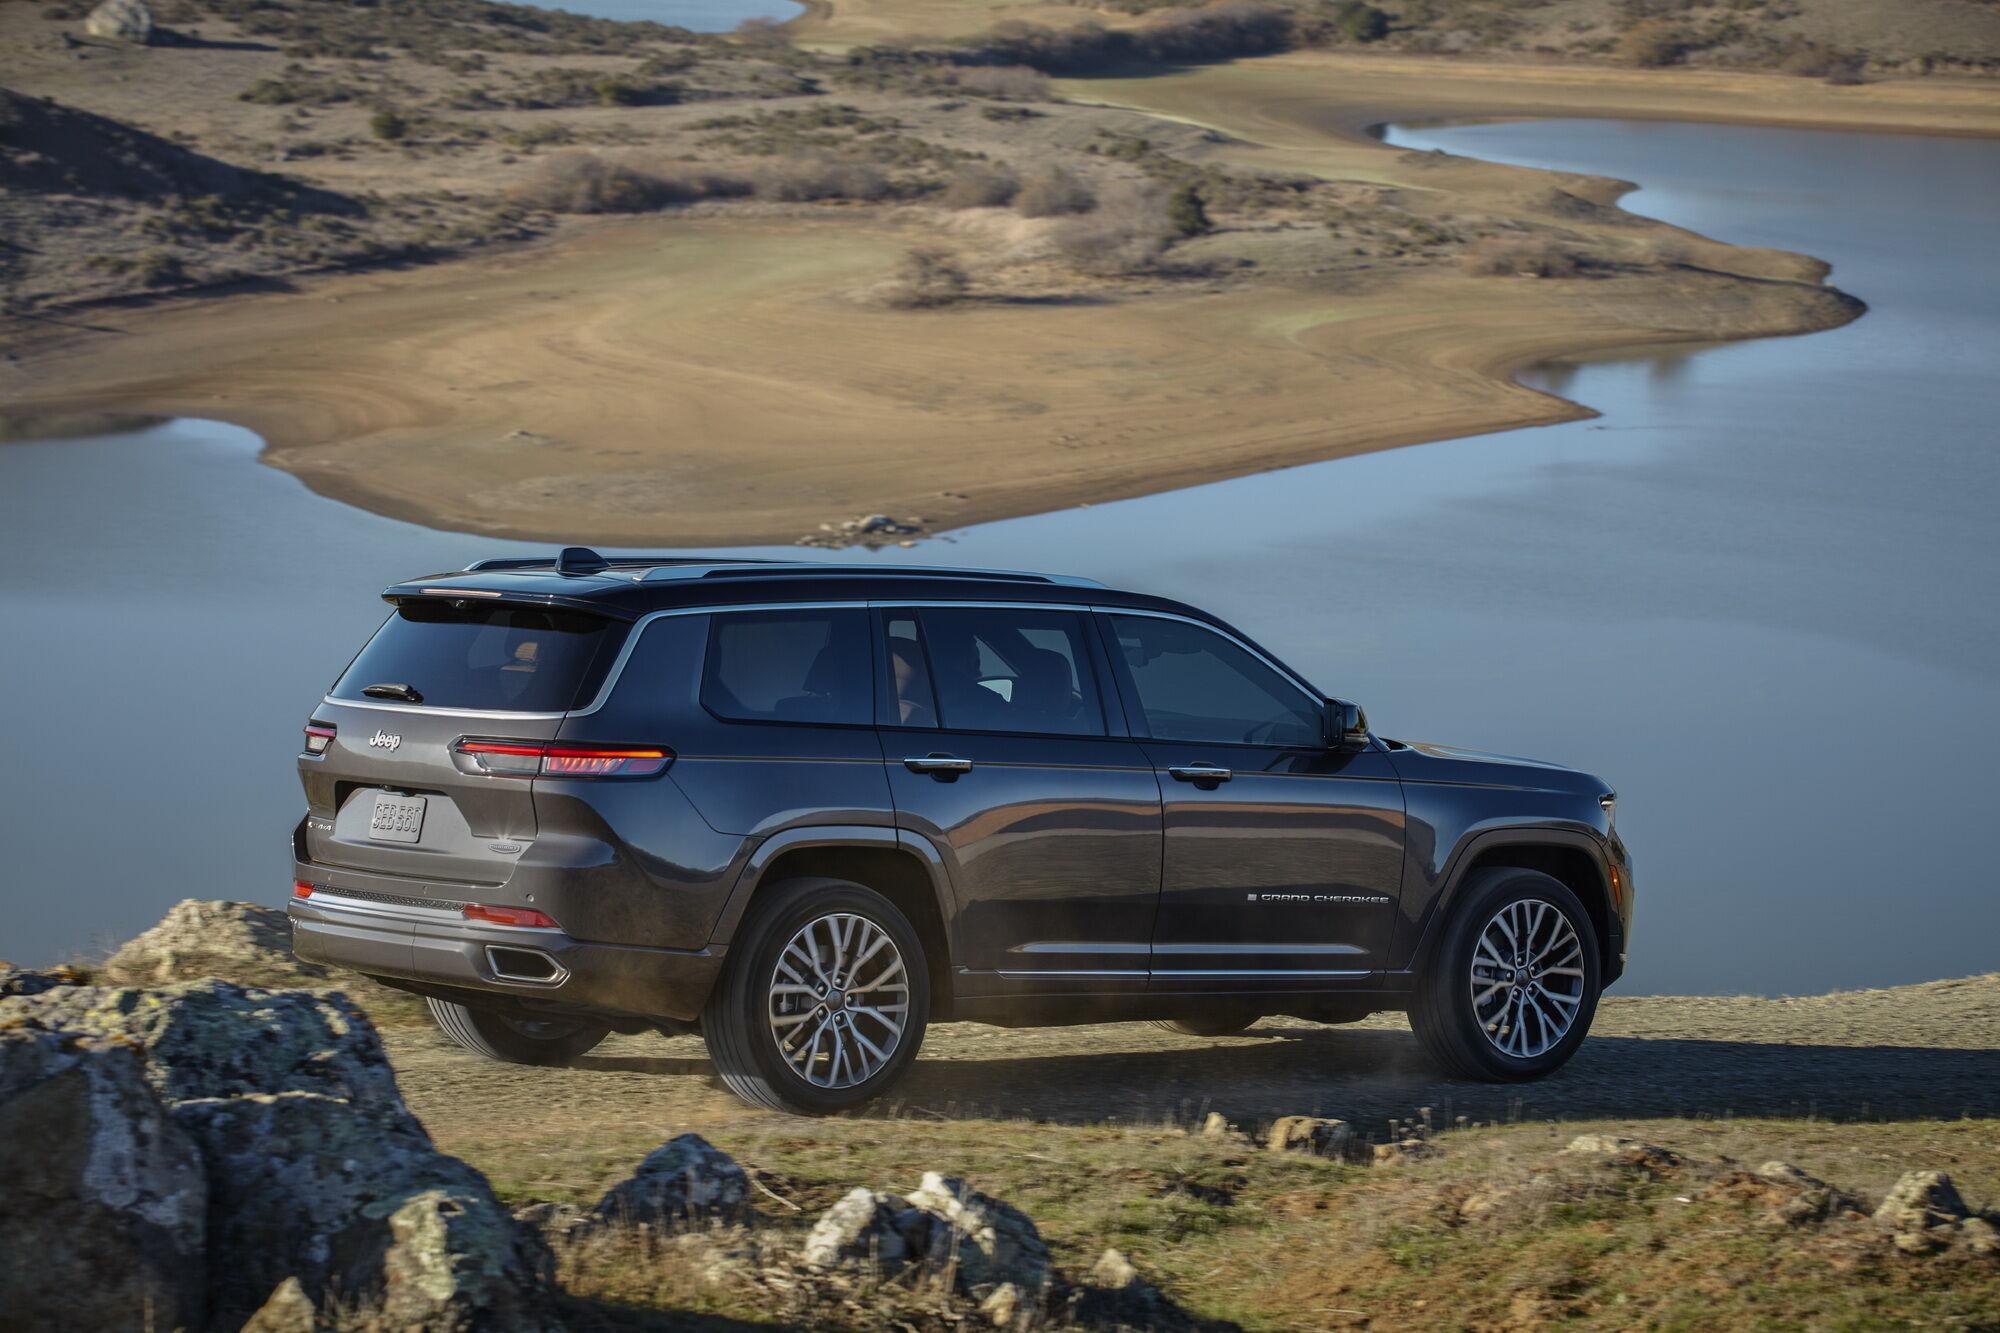 Спочатку для Grand Cherokee L будуть доступні два двигуни – базовий V6 3.6 та опціонний V8 5.7